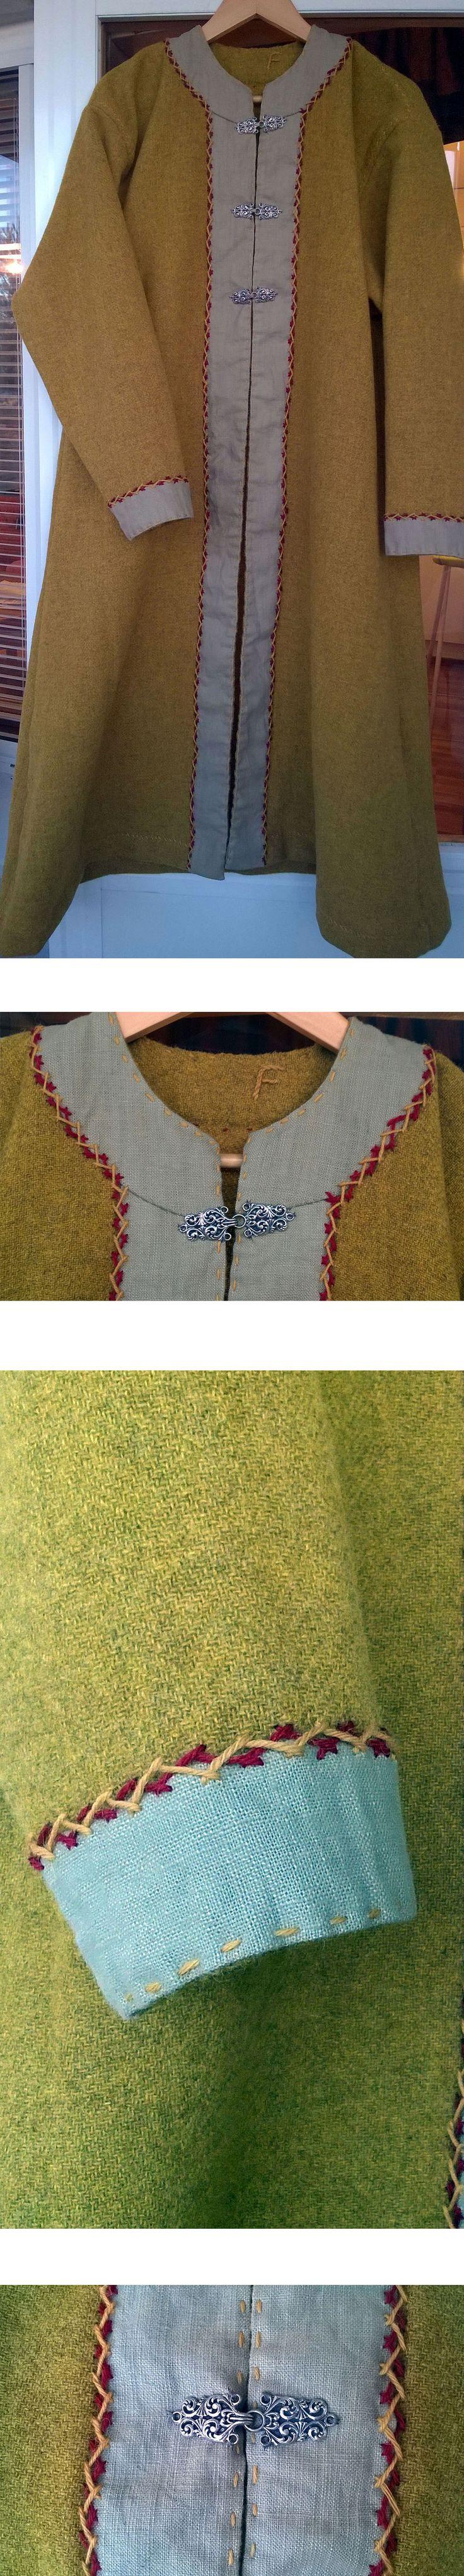 Viking coat http://hedebyngyta.net/